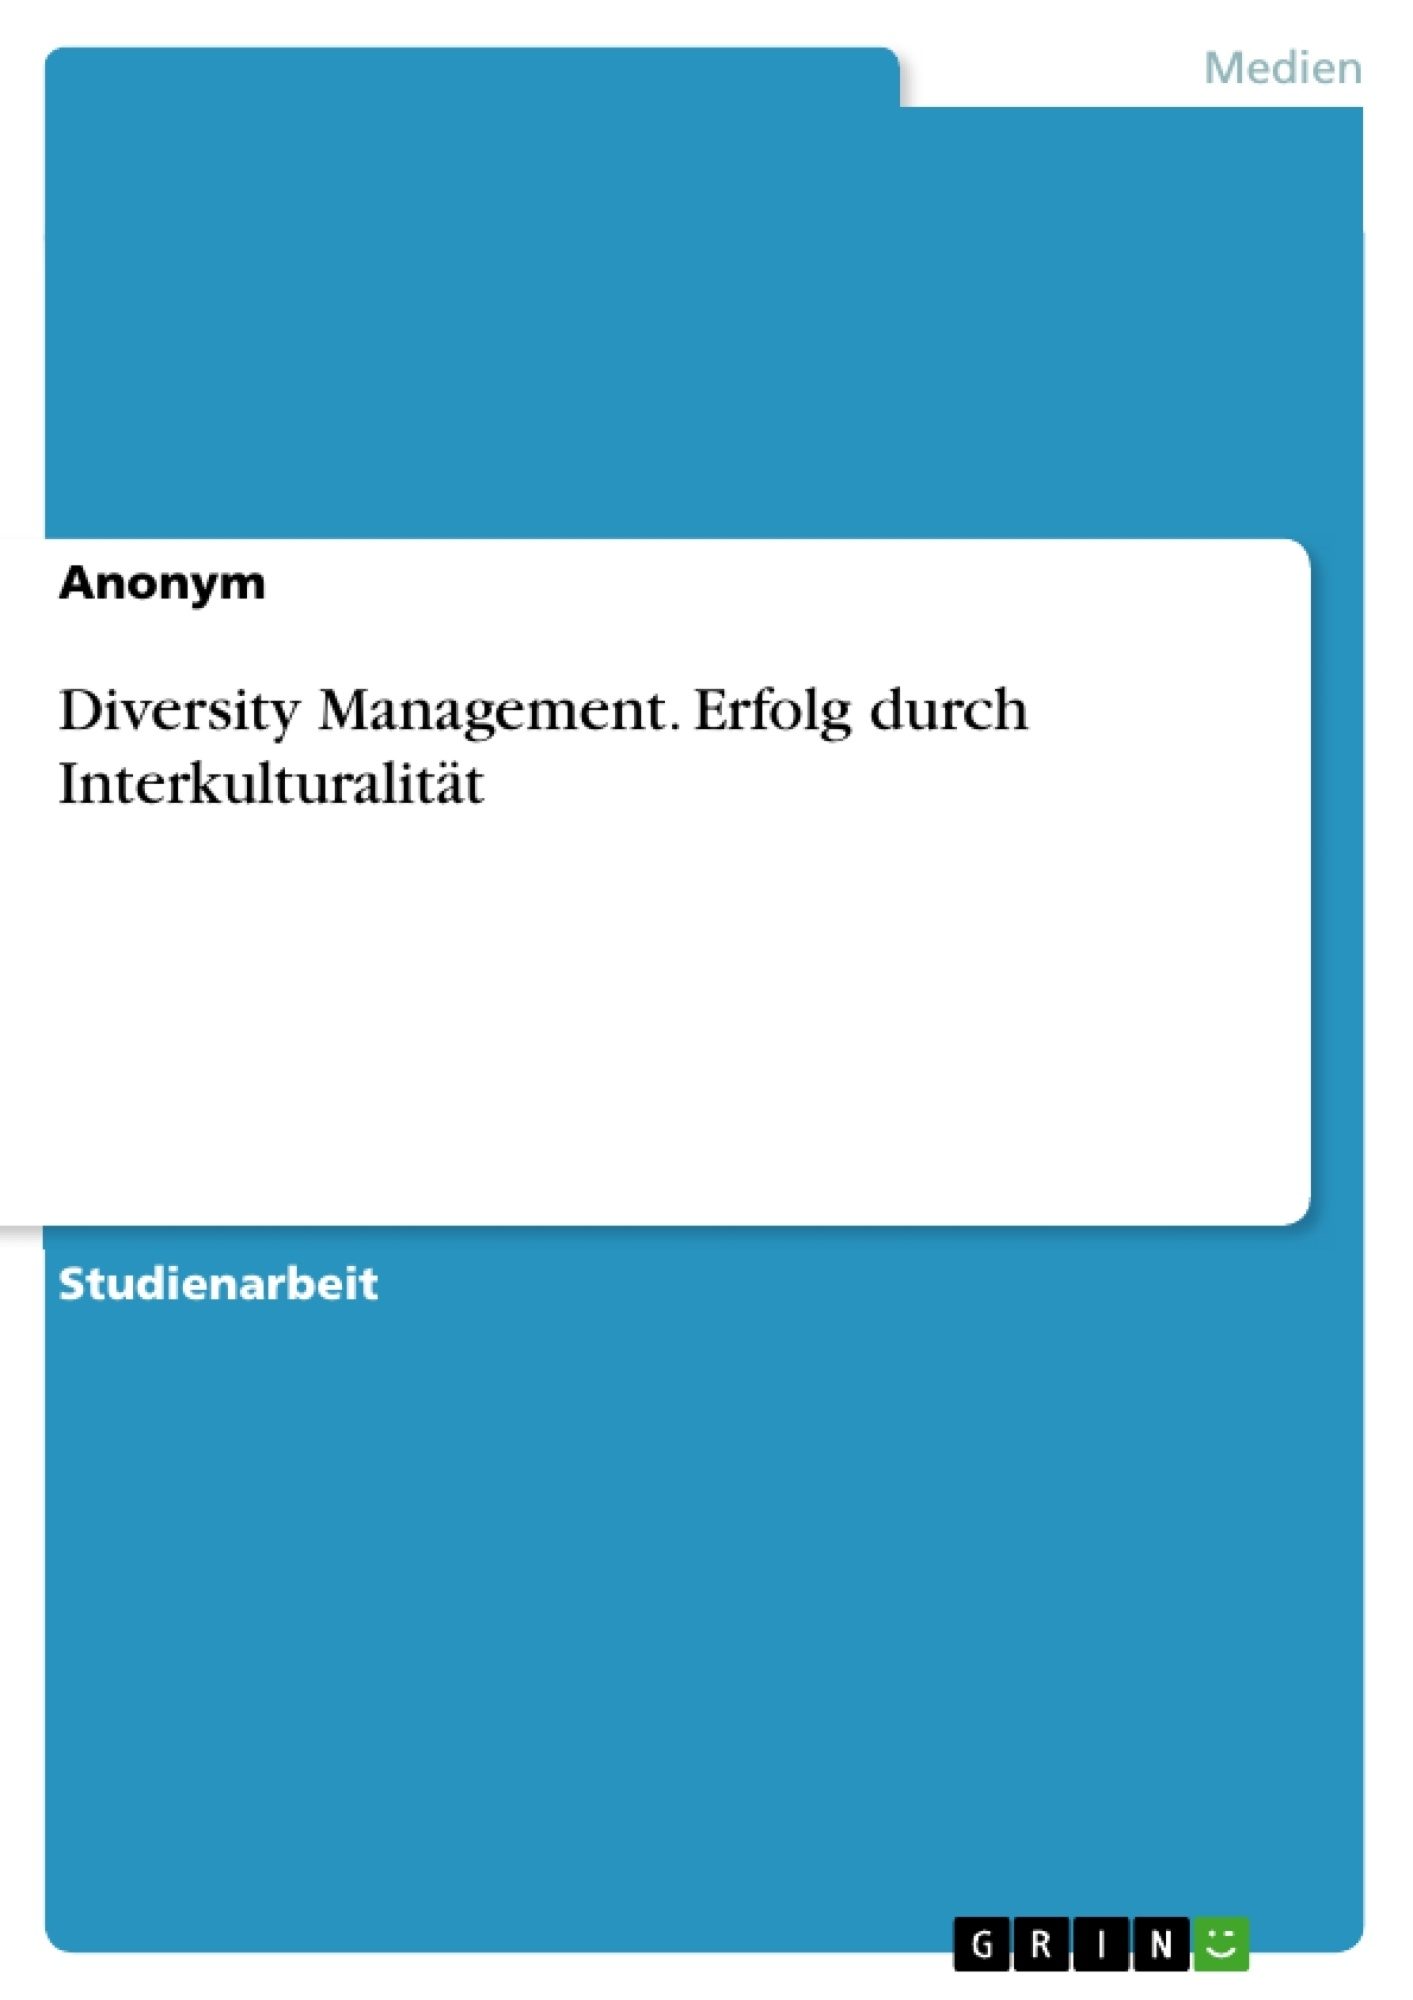 Titel: Diversity Management. Erfolg durch Interkulturalität